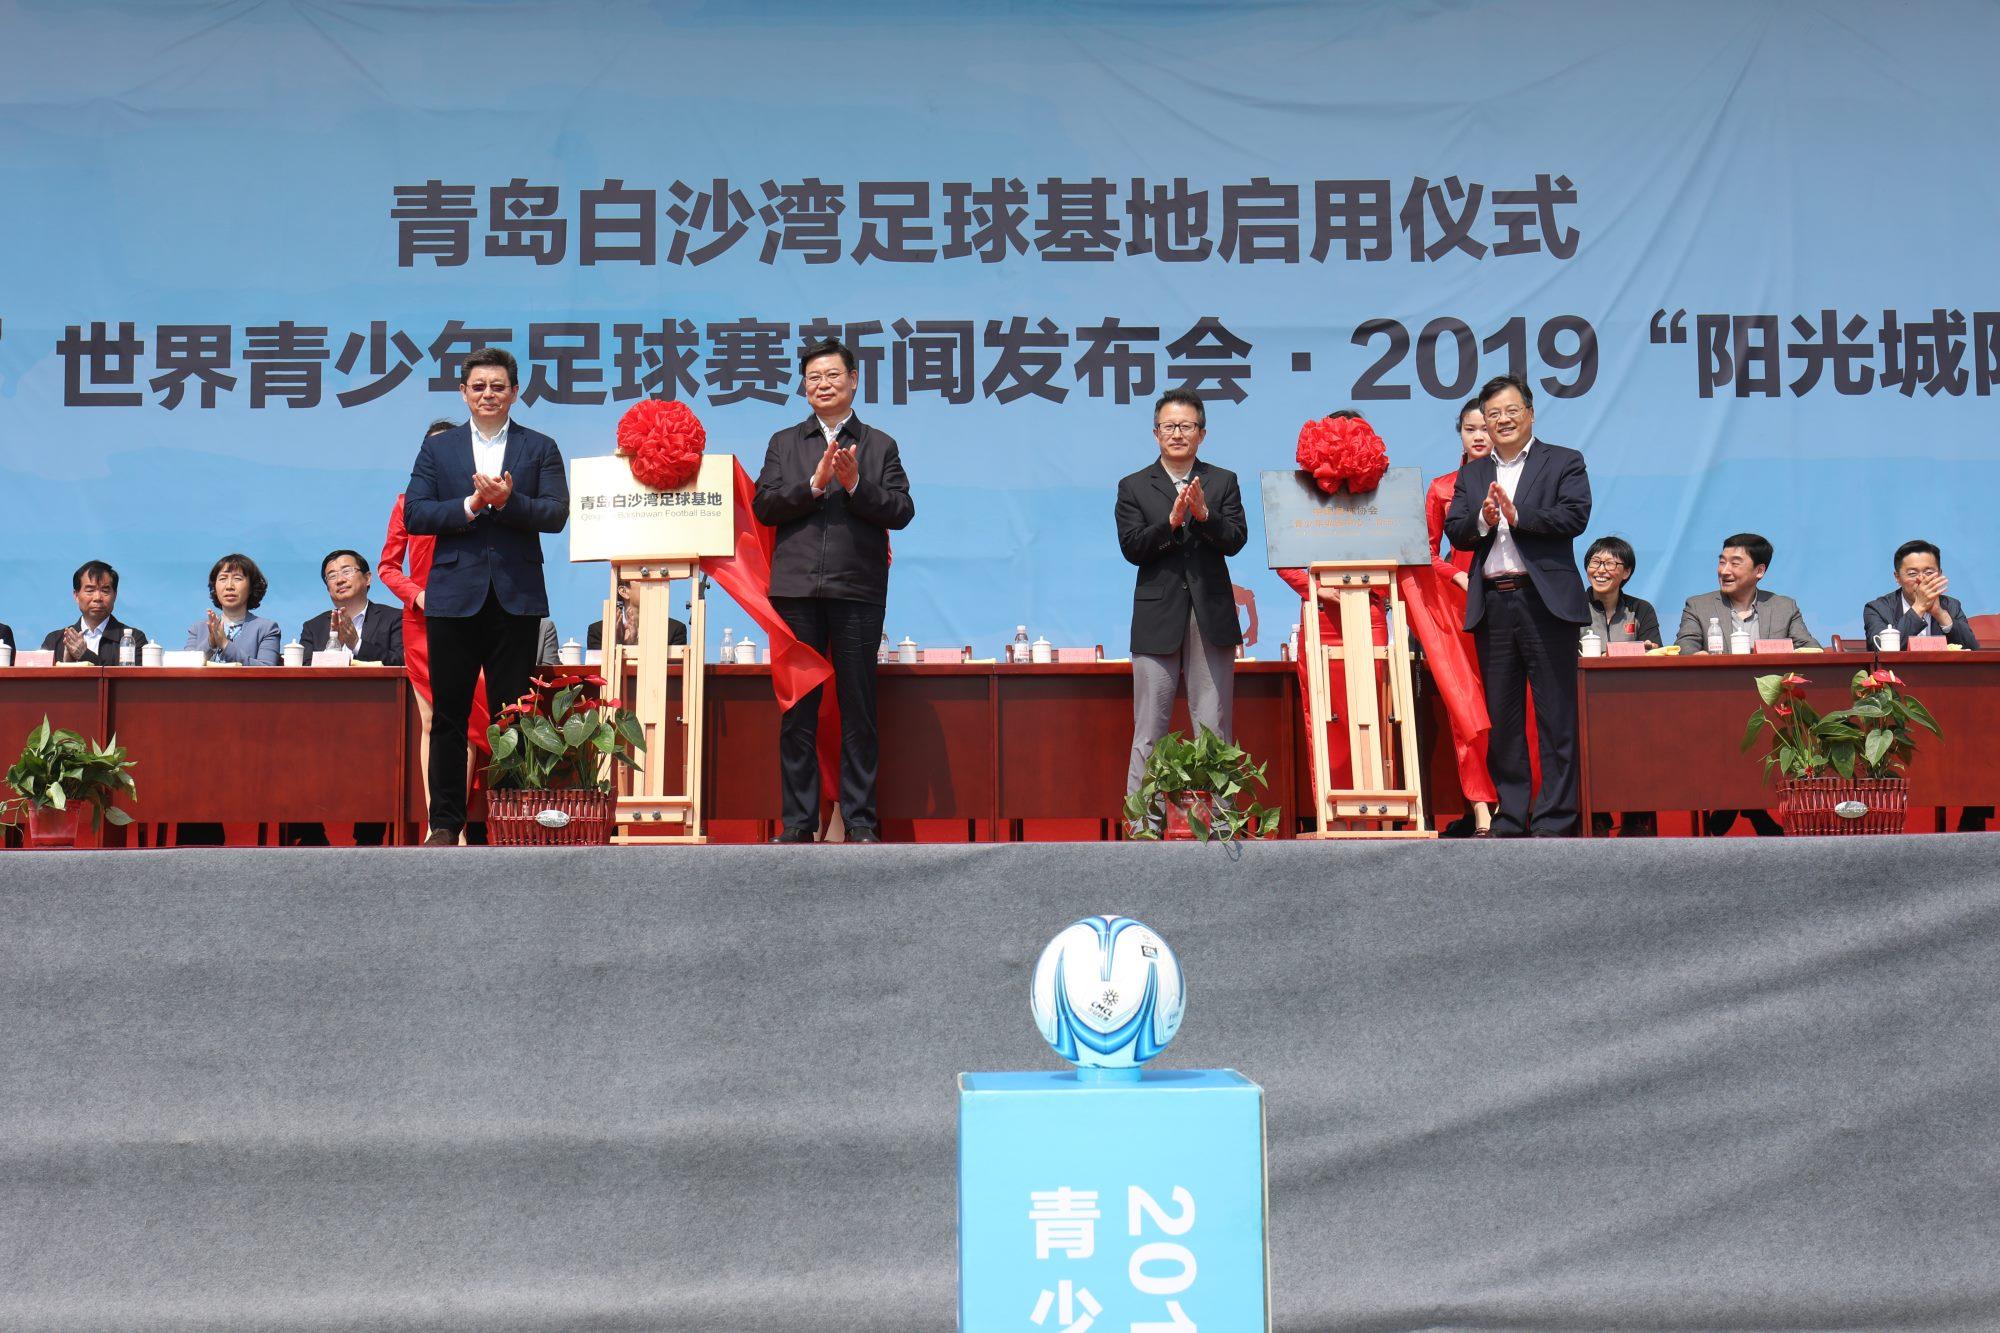 青岛白沙湾足球基地启用 将举办哥德杯世界青少年足球赛